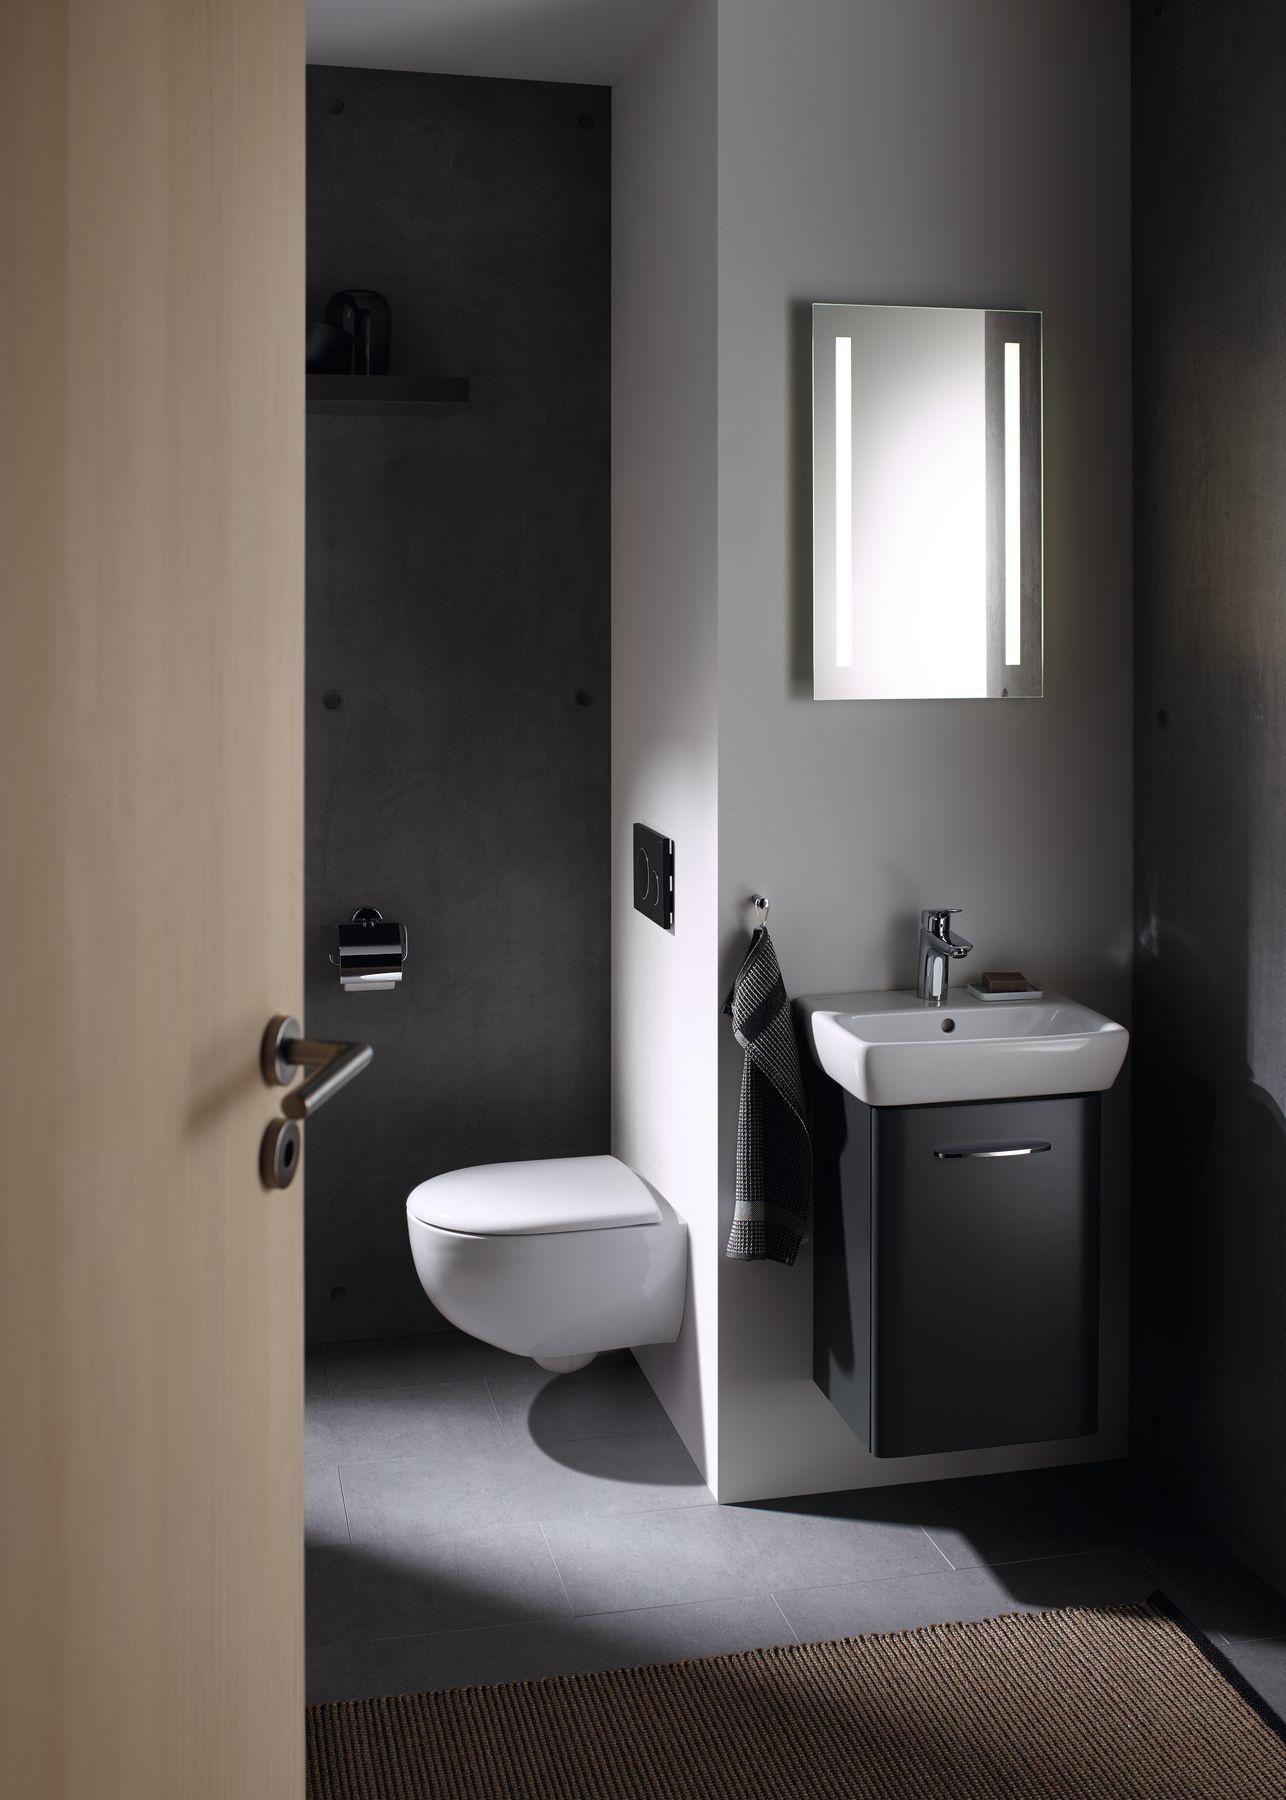 Priestorovo úsporné riešenia Geberit Selnova Compact sú ideálne do malých kúpeľní